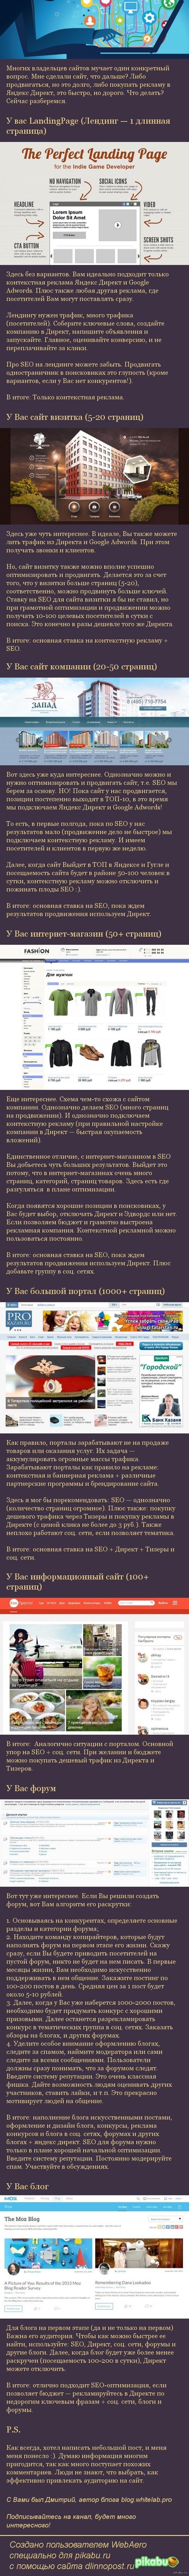 Что выбрать: Яндекс Директ или Поисковую Оптимизацию? Что делать, если у вас сайта визитка, интернет-магазин или лендинг-пейдж?